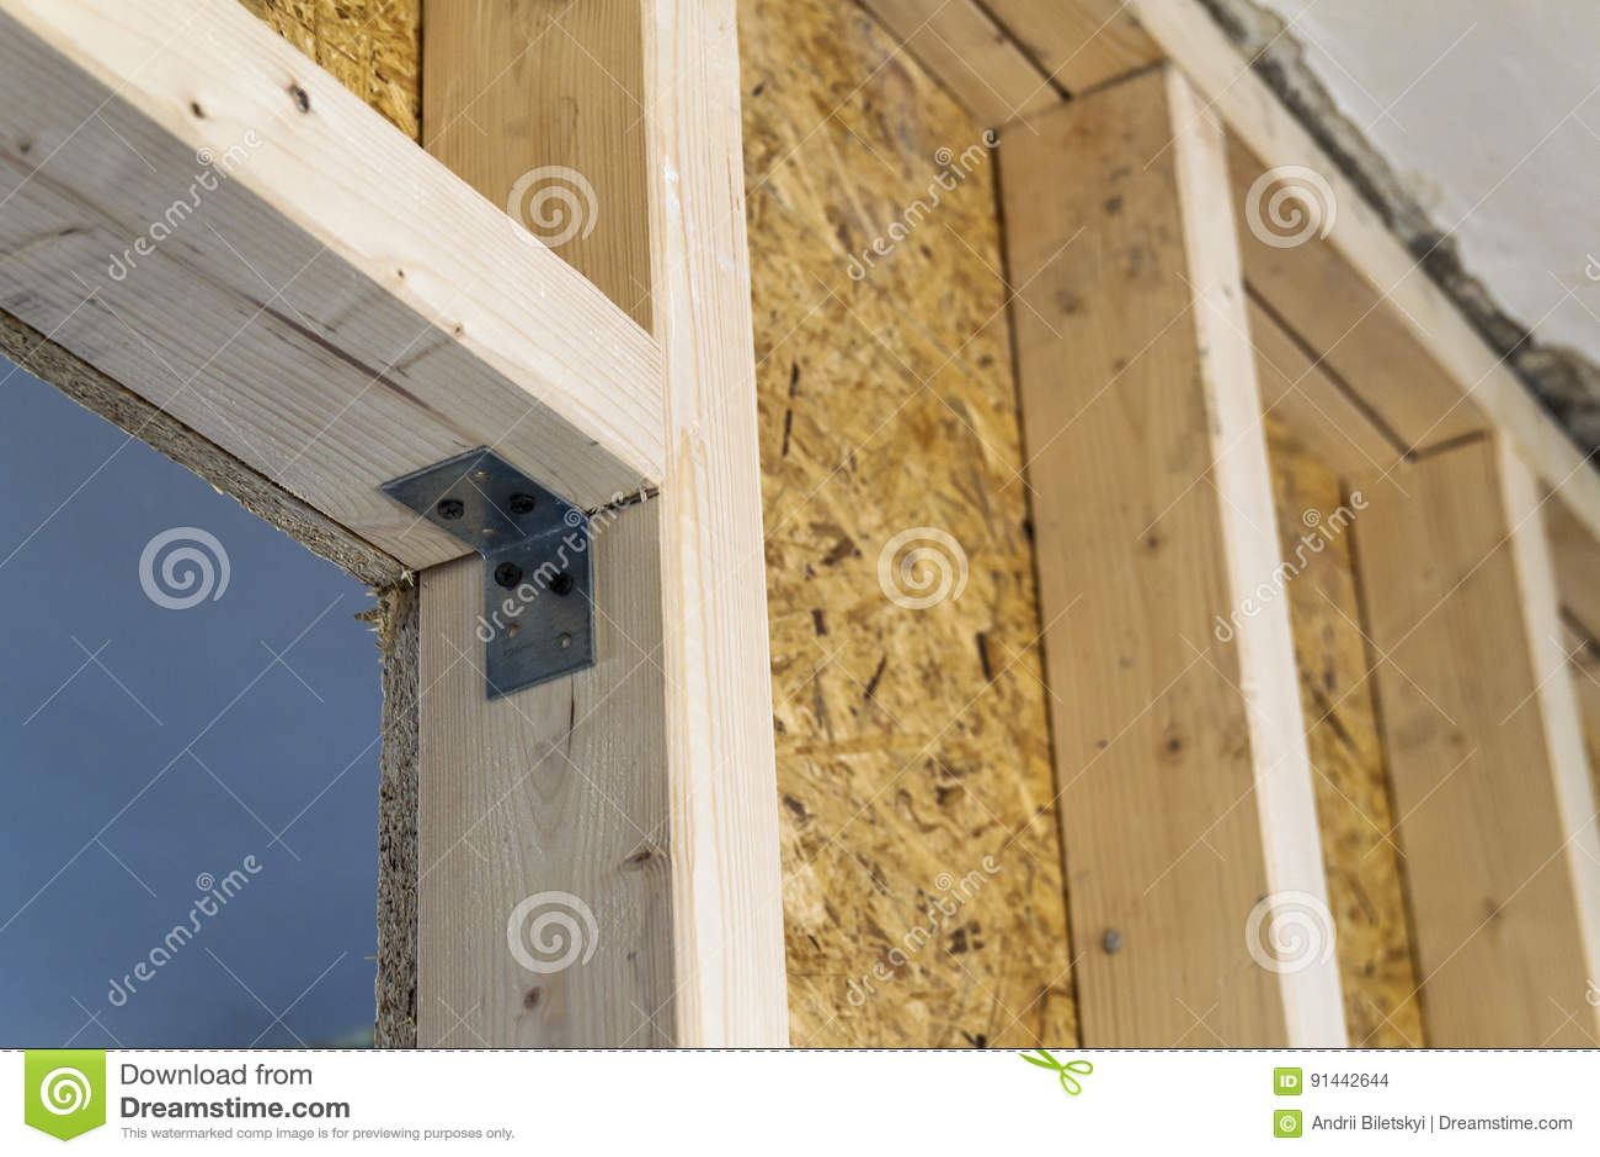 Chiuda sul dettaglio degli elementi di legno della parete for Creatore della pianta della casa